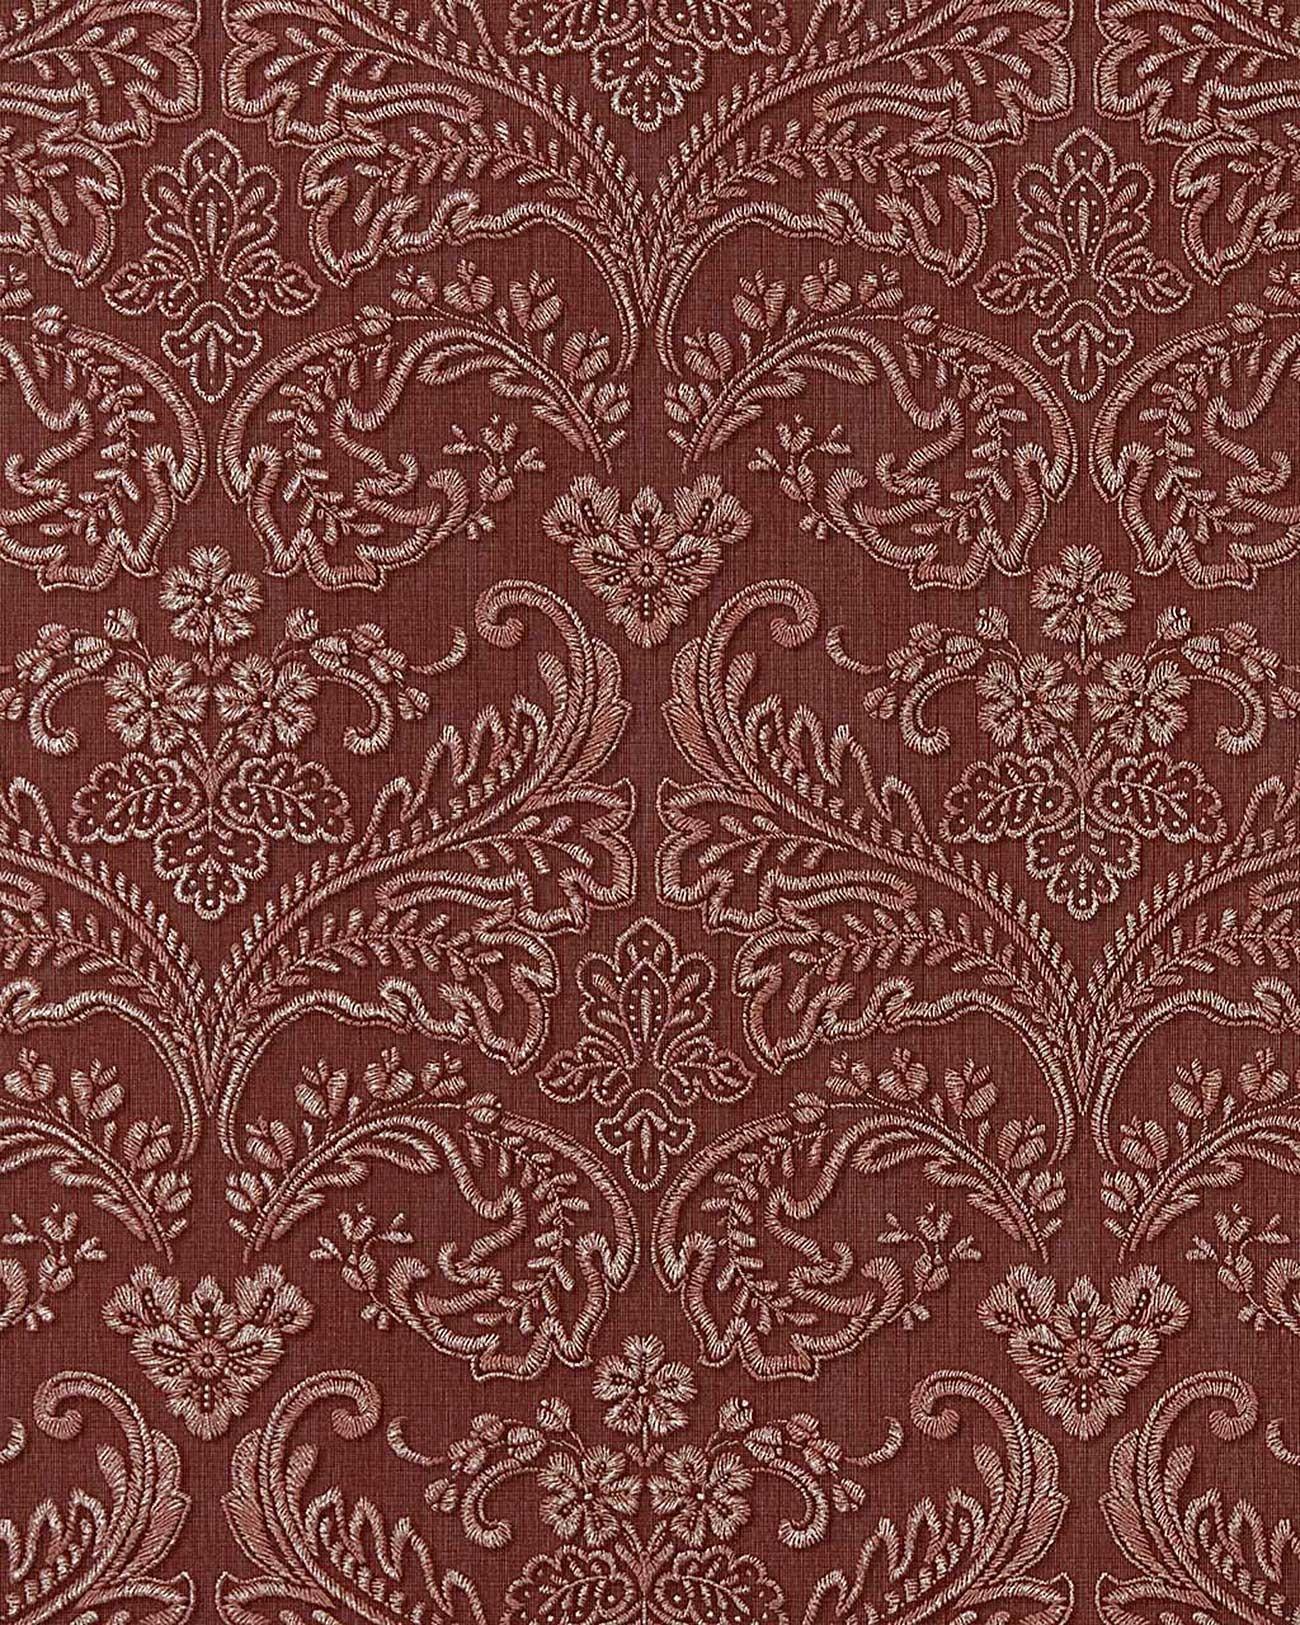 Papier peint relief gaufr chaud edem 755 26 style - Sous couche papier peint ...